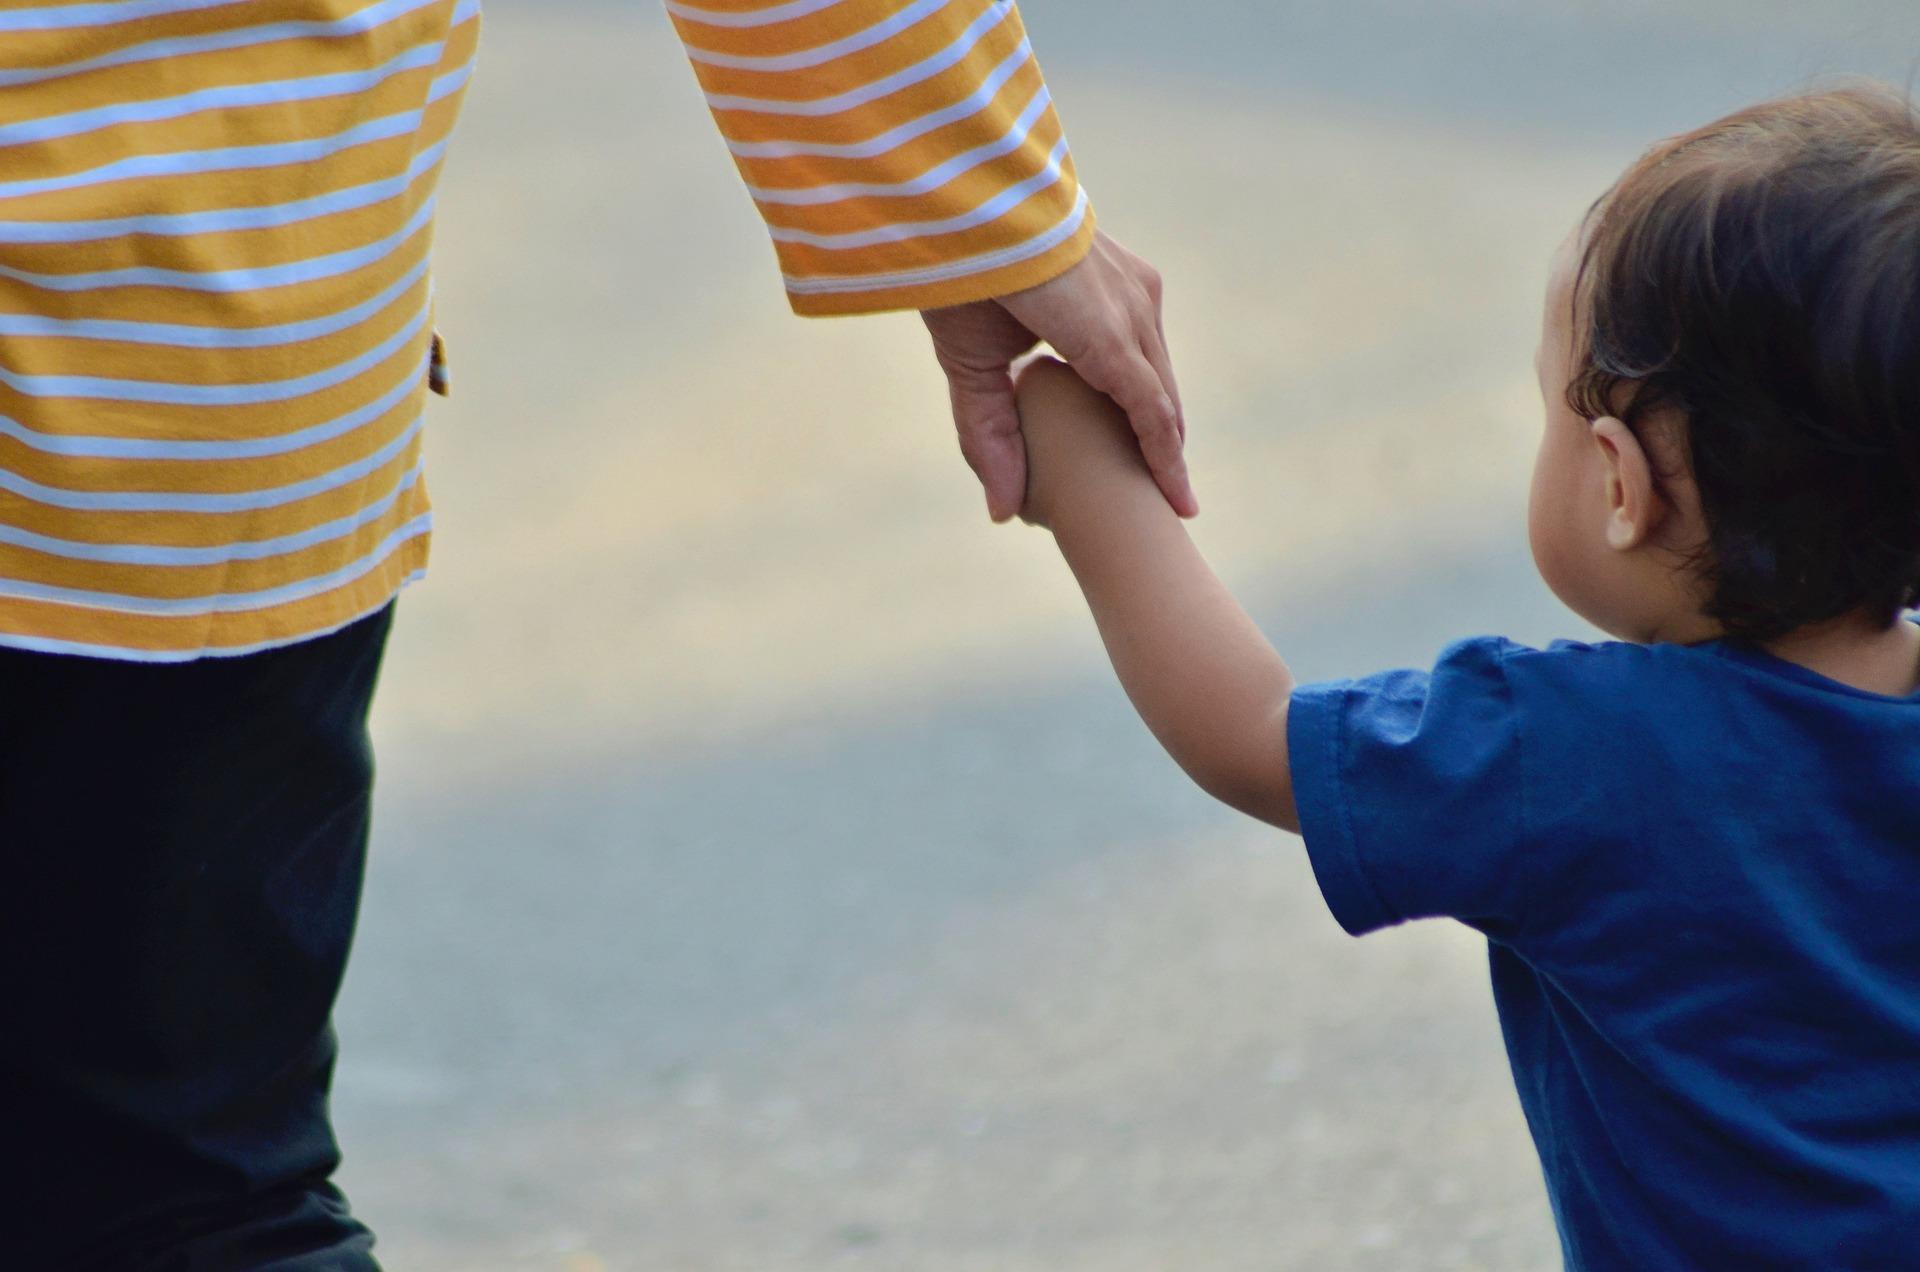 Agevolazioni economiche per famiglie e singoli cittadini: la guida per il mese di aprile